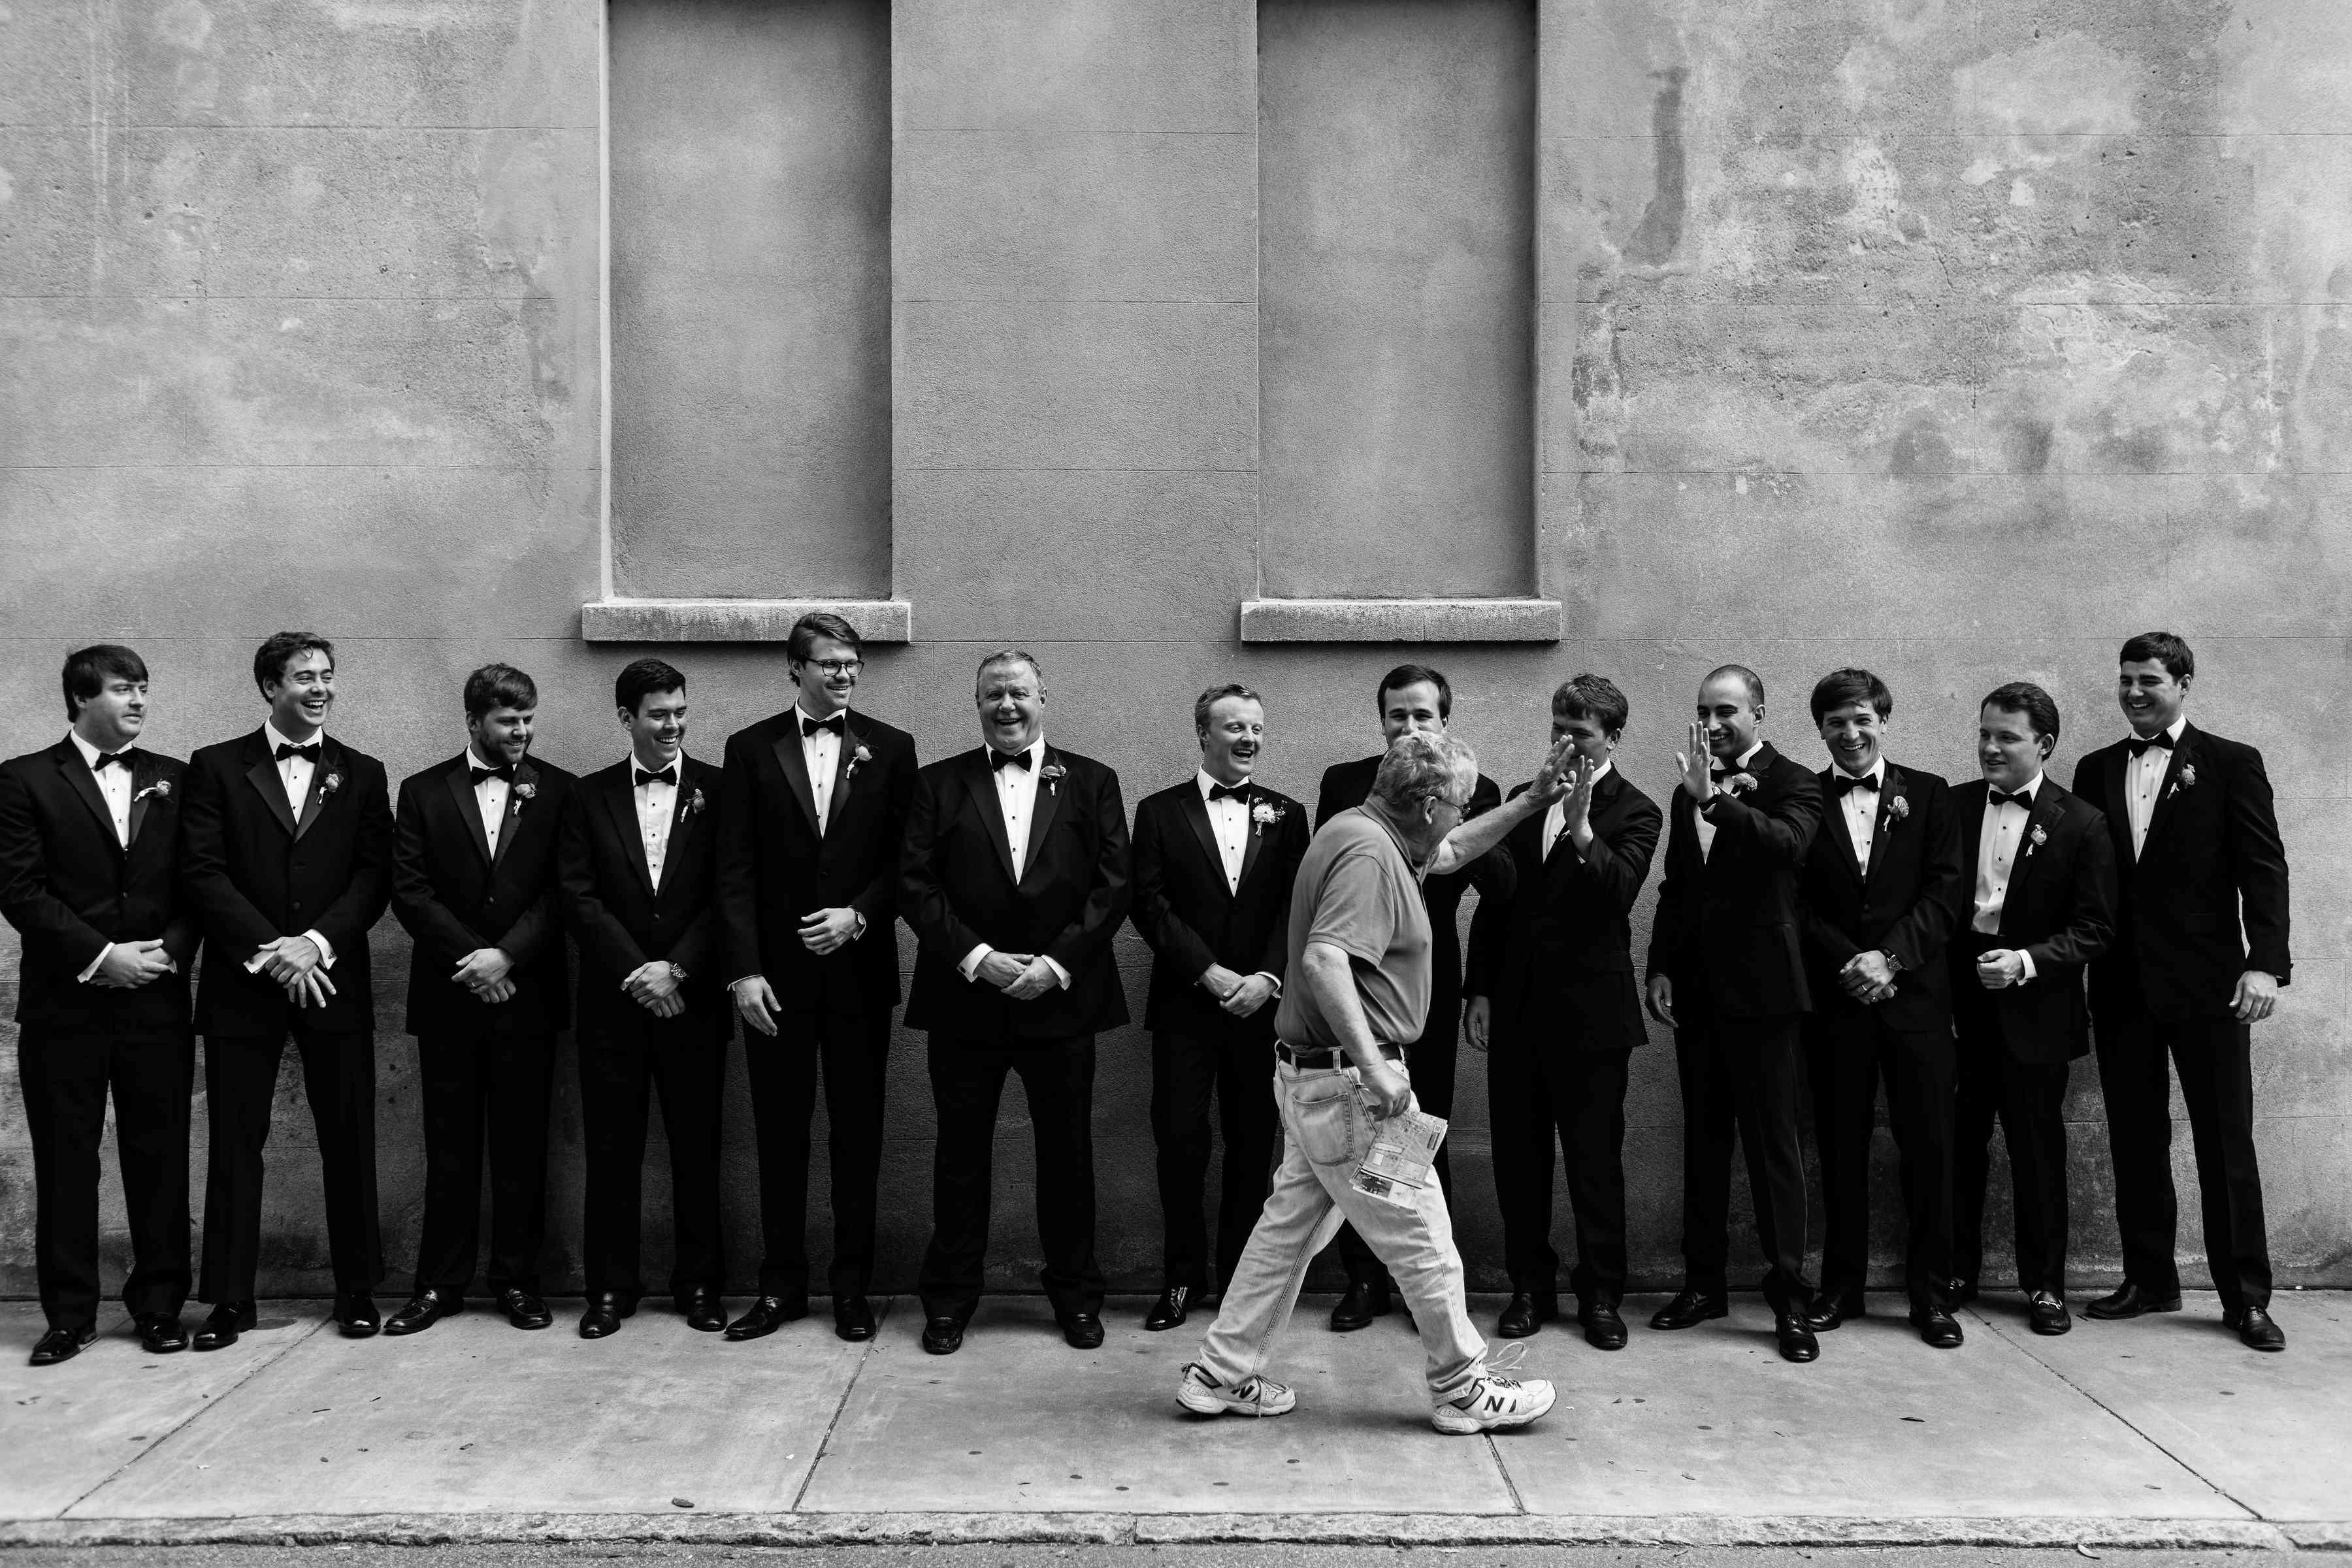 wedding groomsmen tuxedos